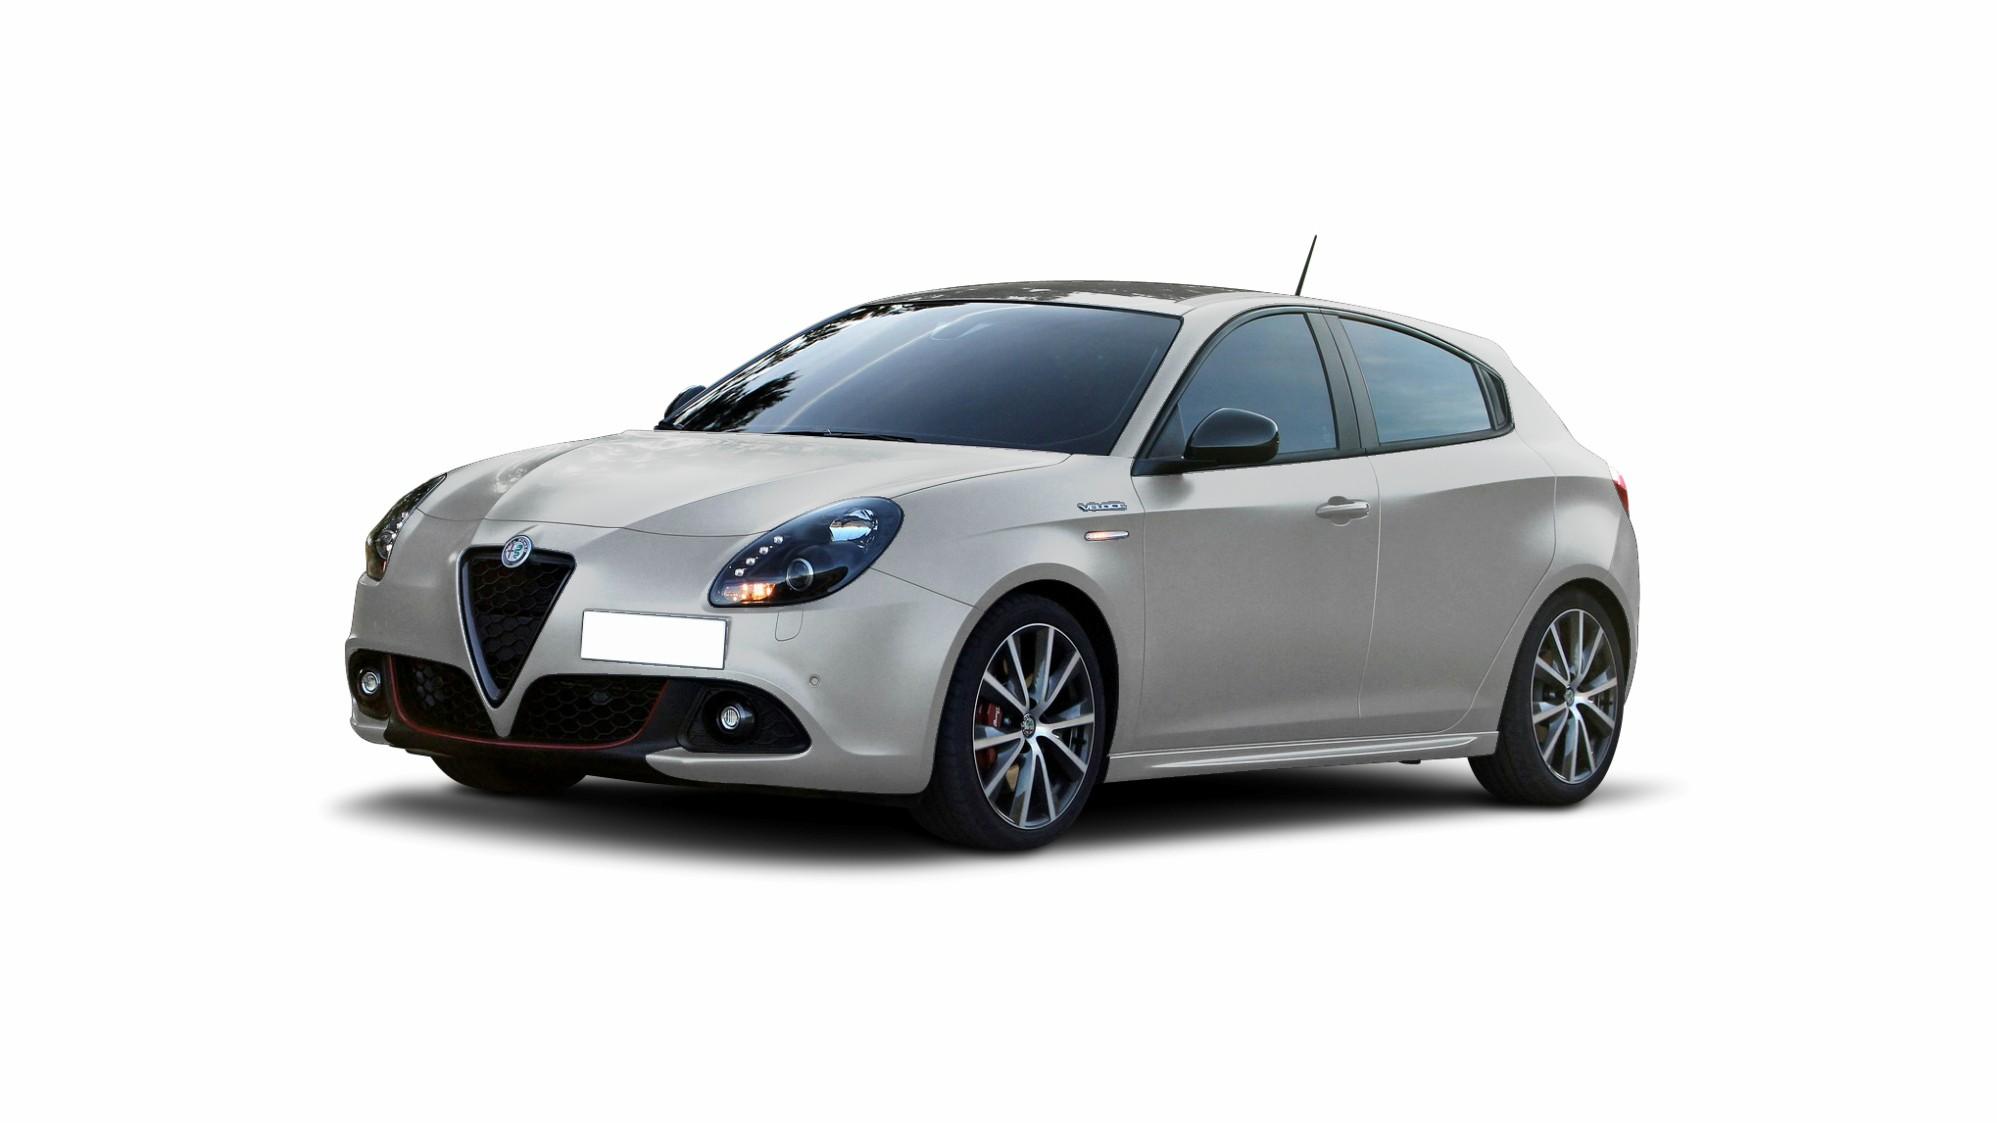 Acheter Alfa Romeo Giulietta Super Surequipee Super Surequipee chez un mandataire auto